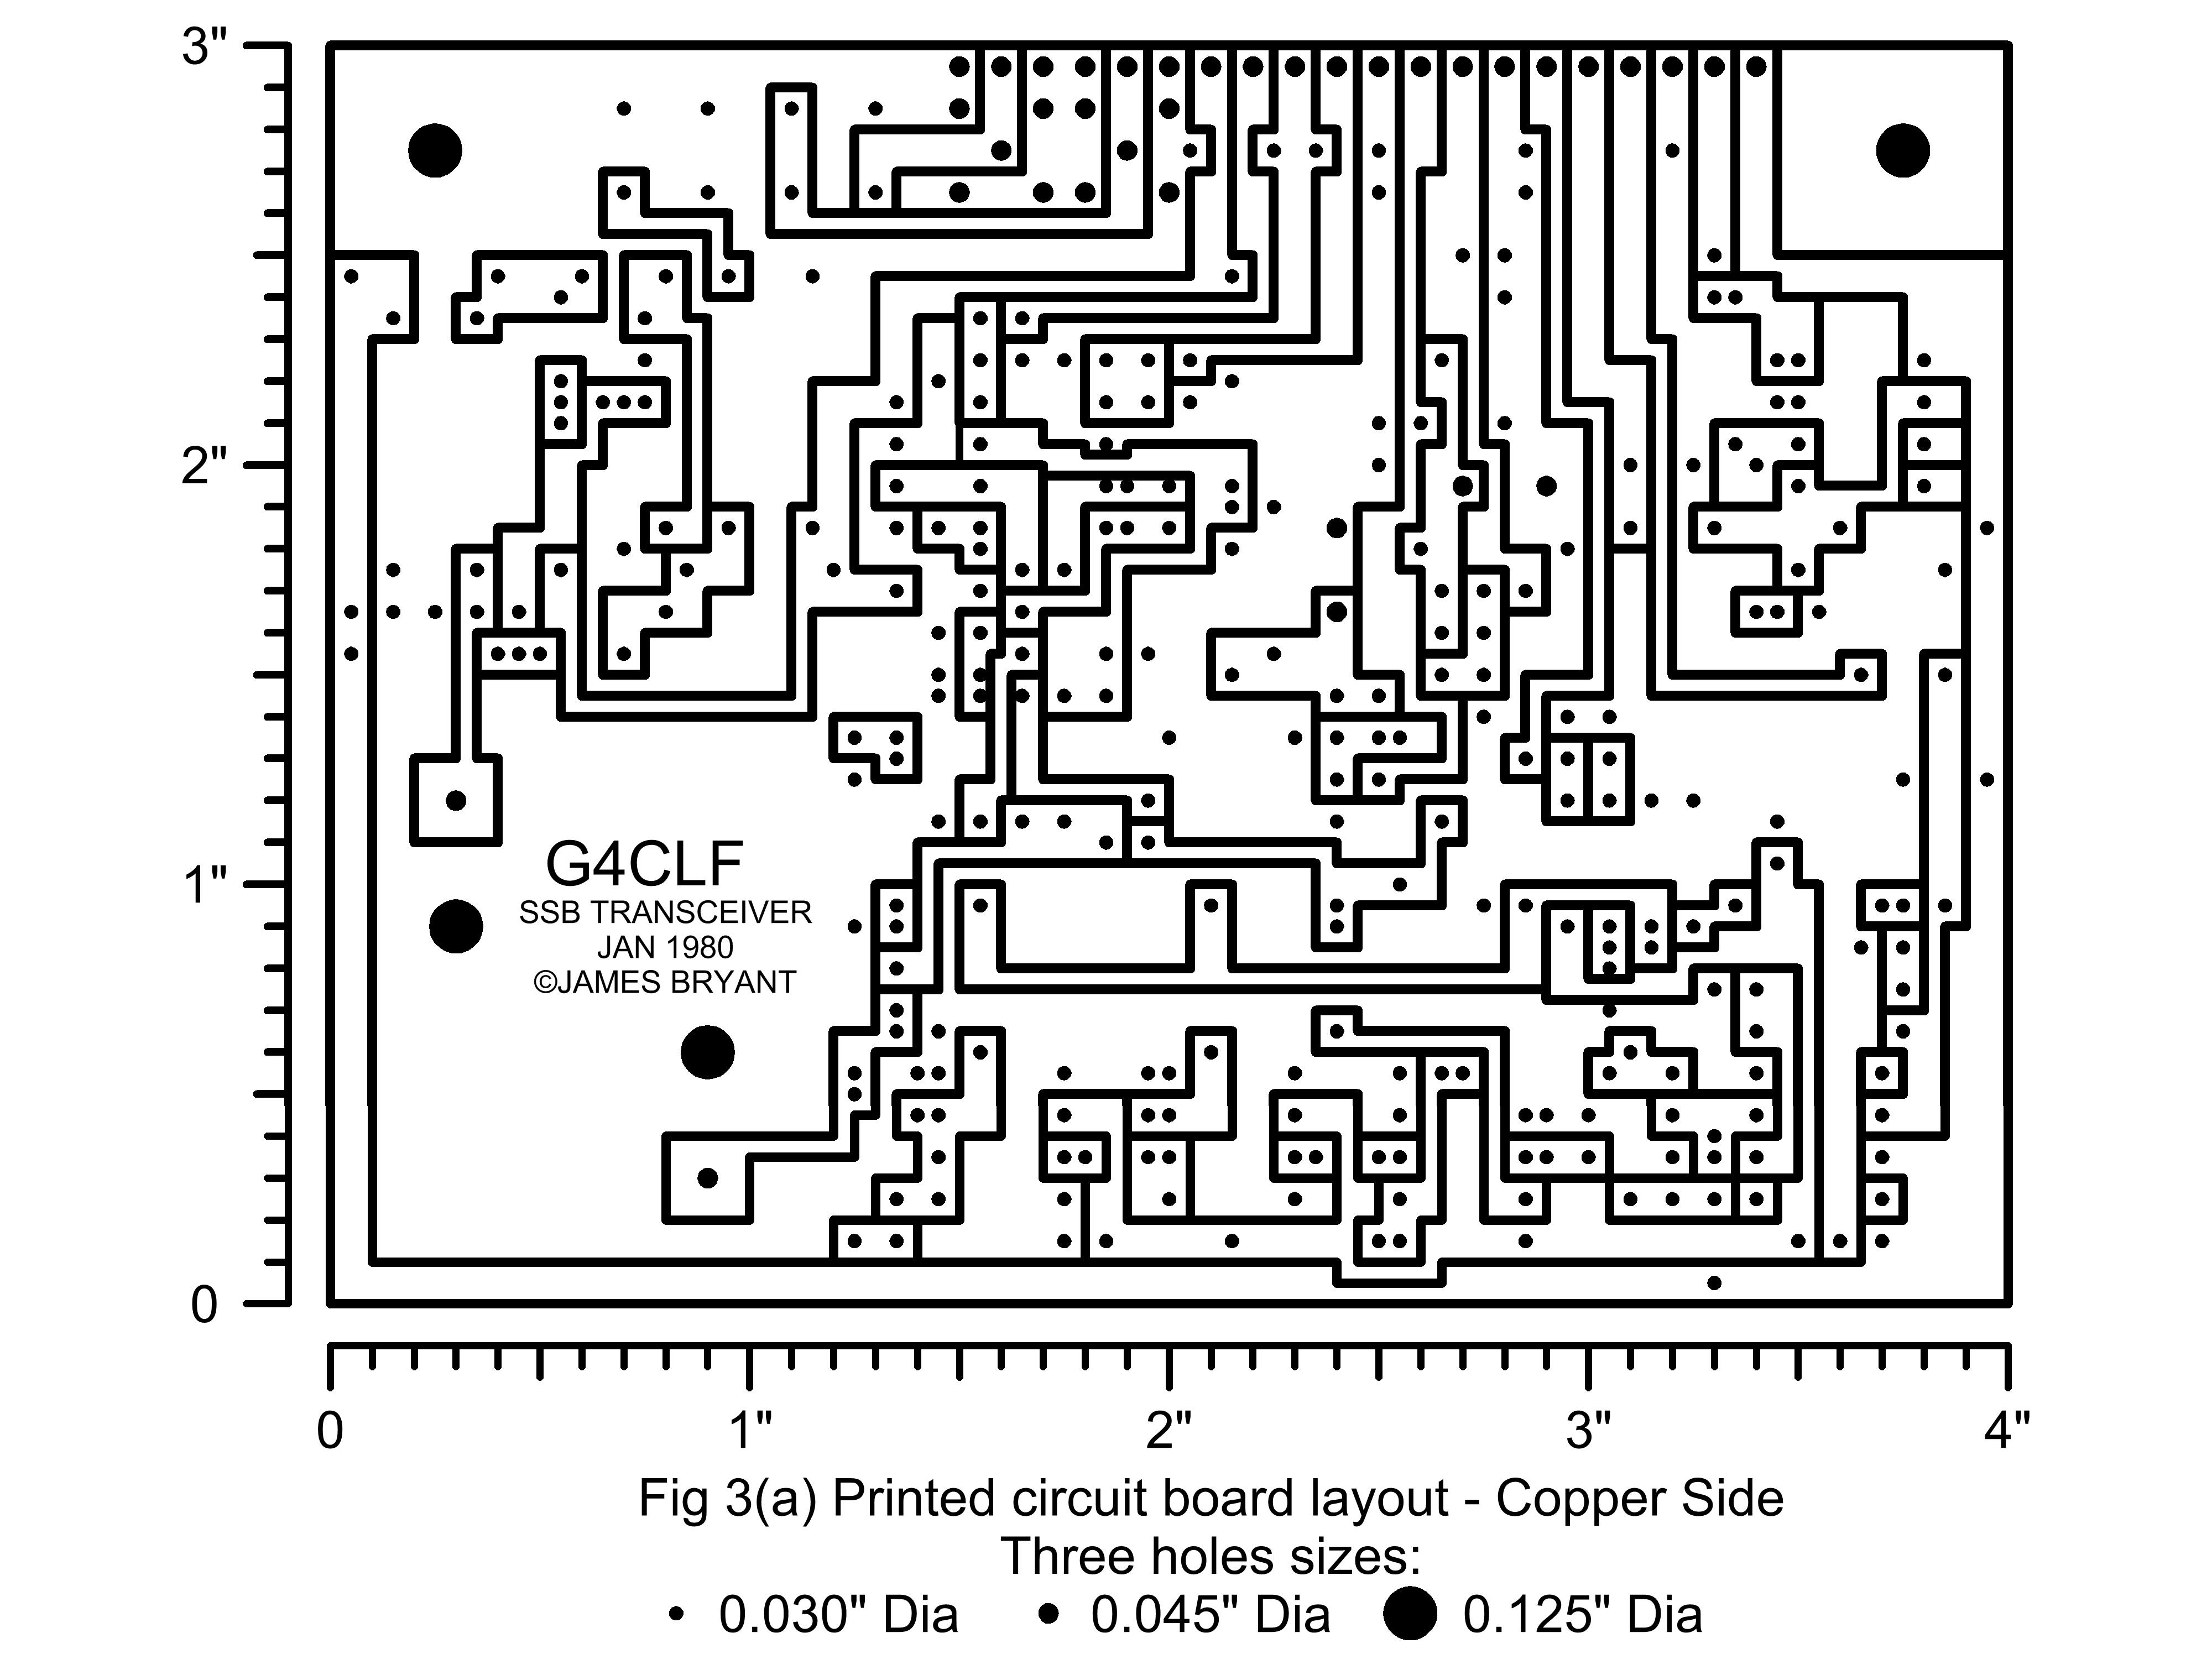 The G4clf Ssb Transceiver